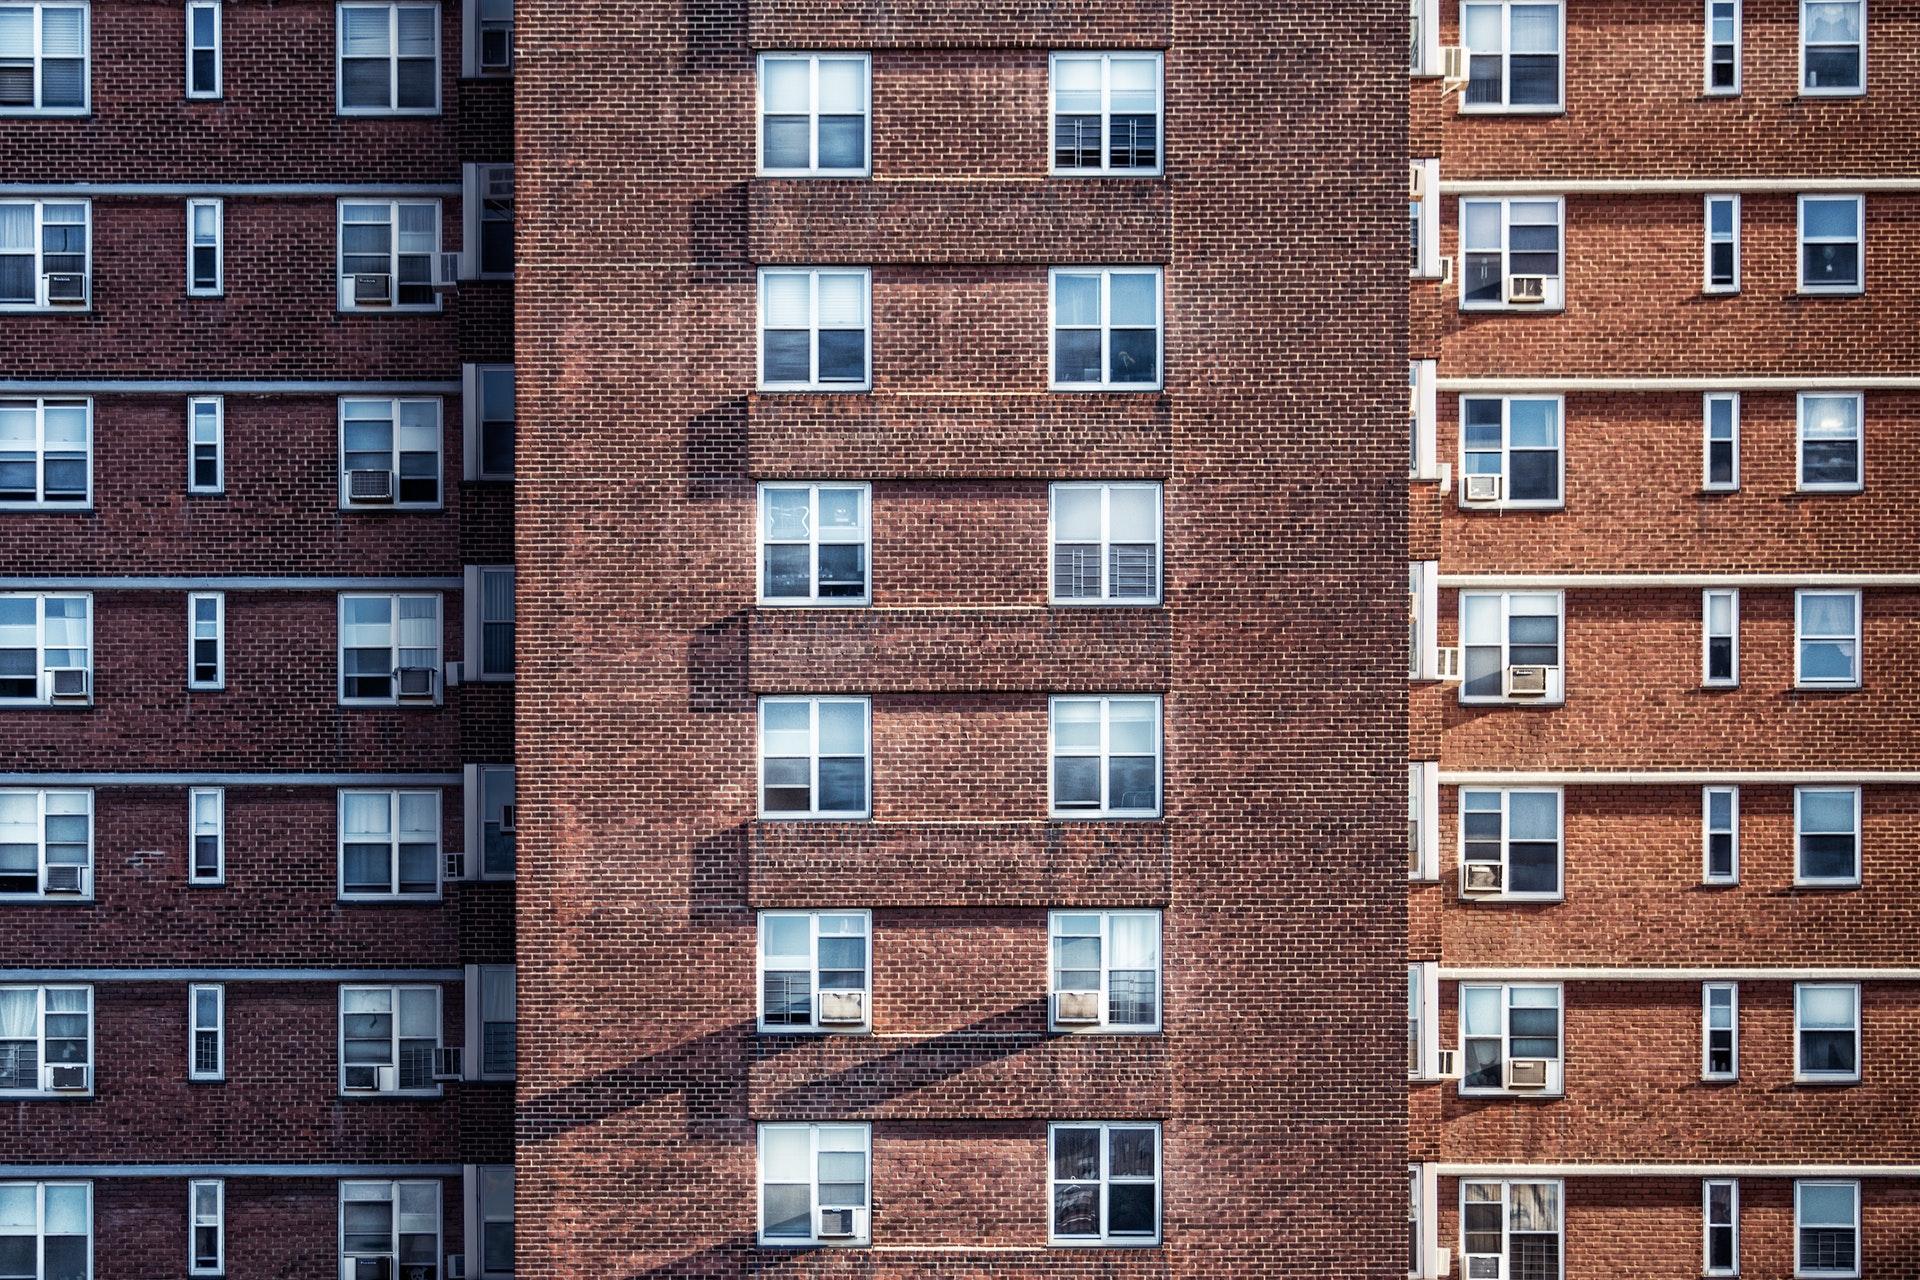 Czy mieszkania obecnie są drogie?